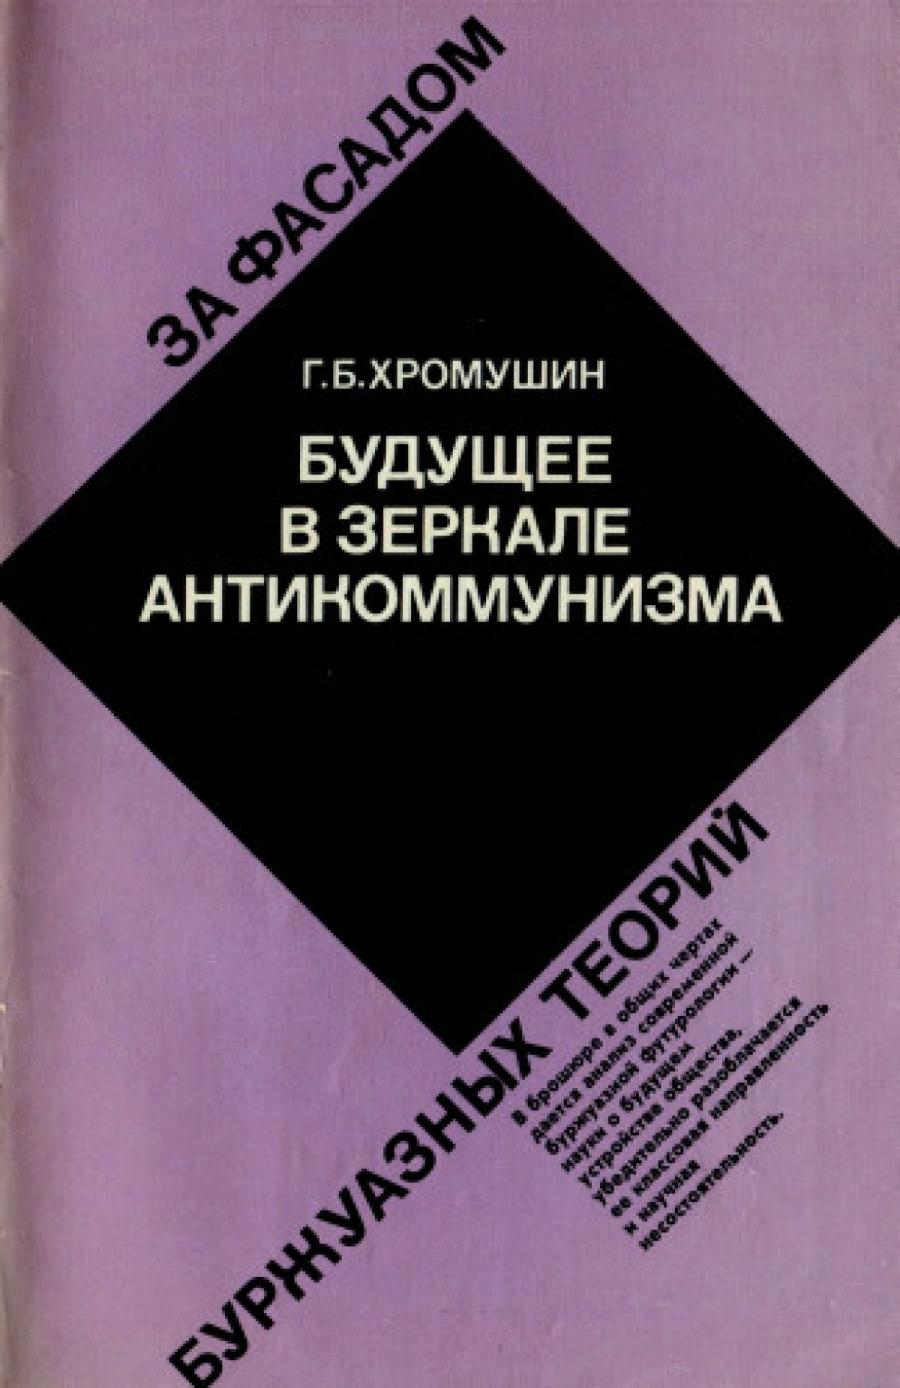 Обложка книги:  хромушин геннадий борисович - будущее в зеркале антикоммунизма